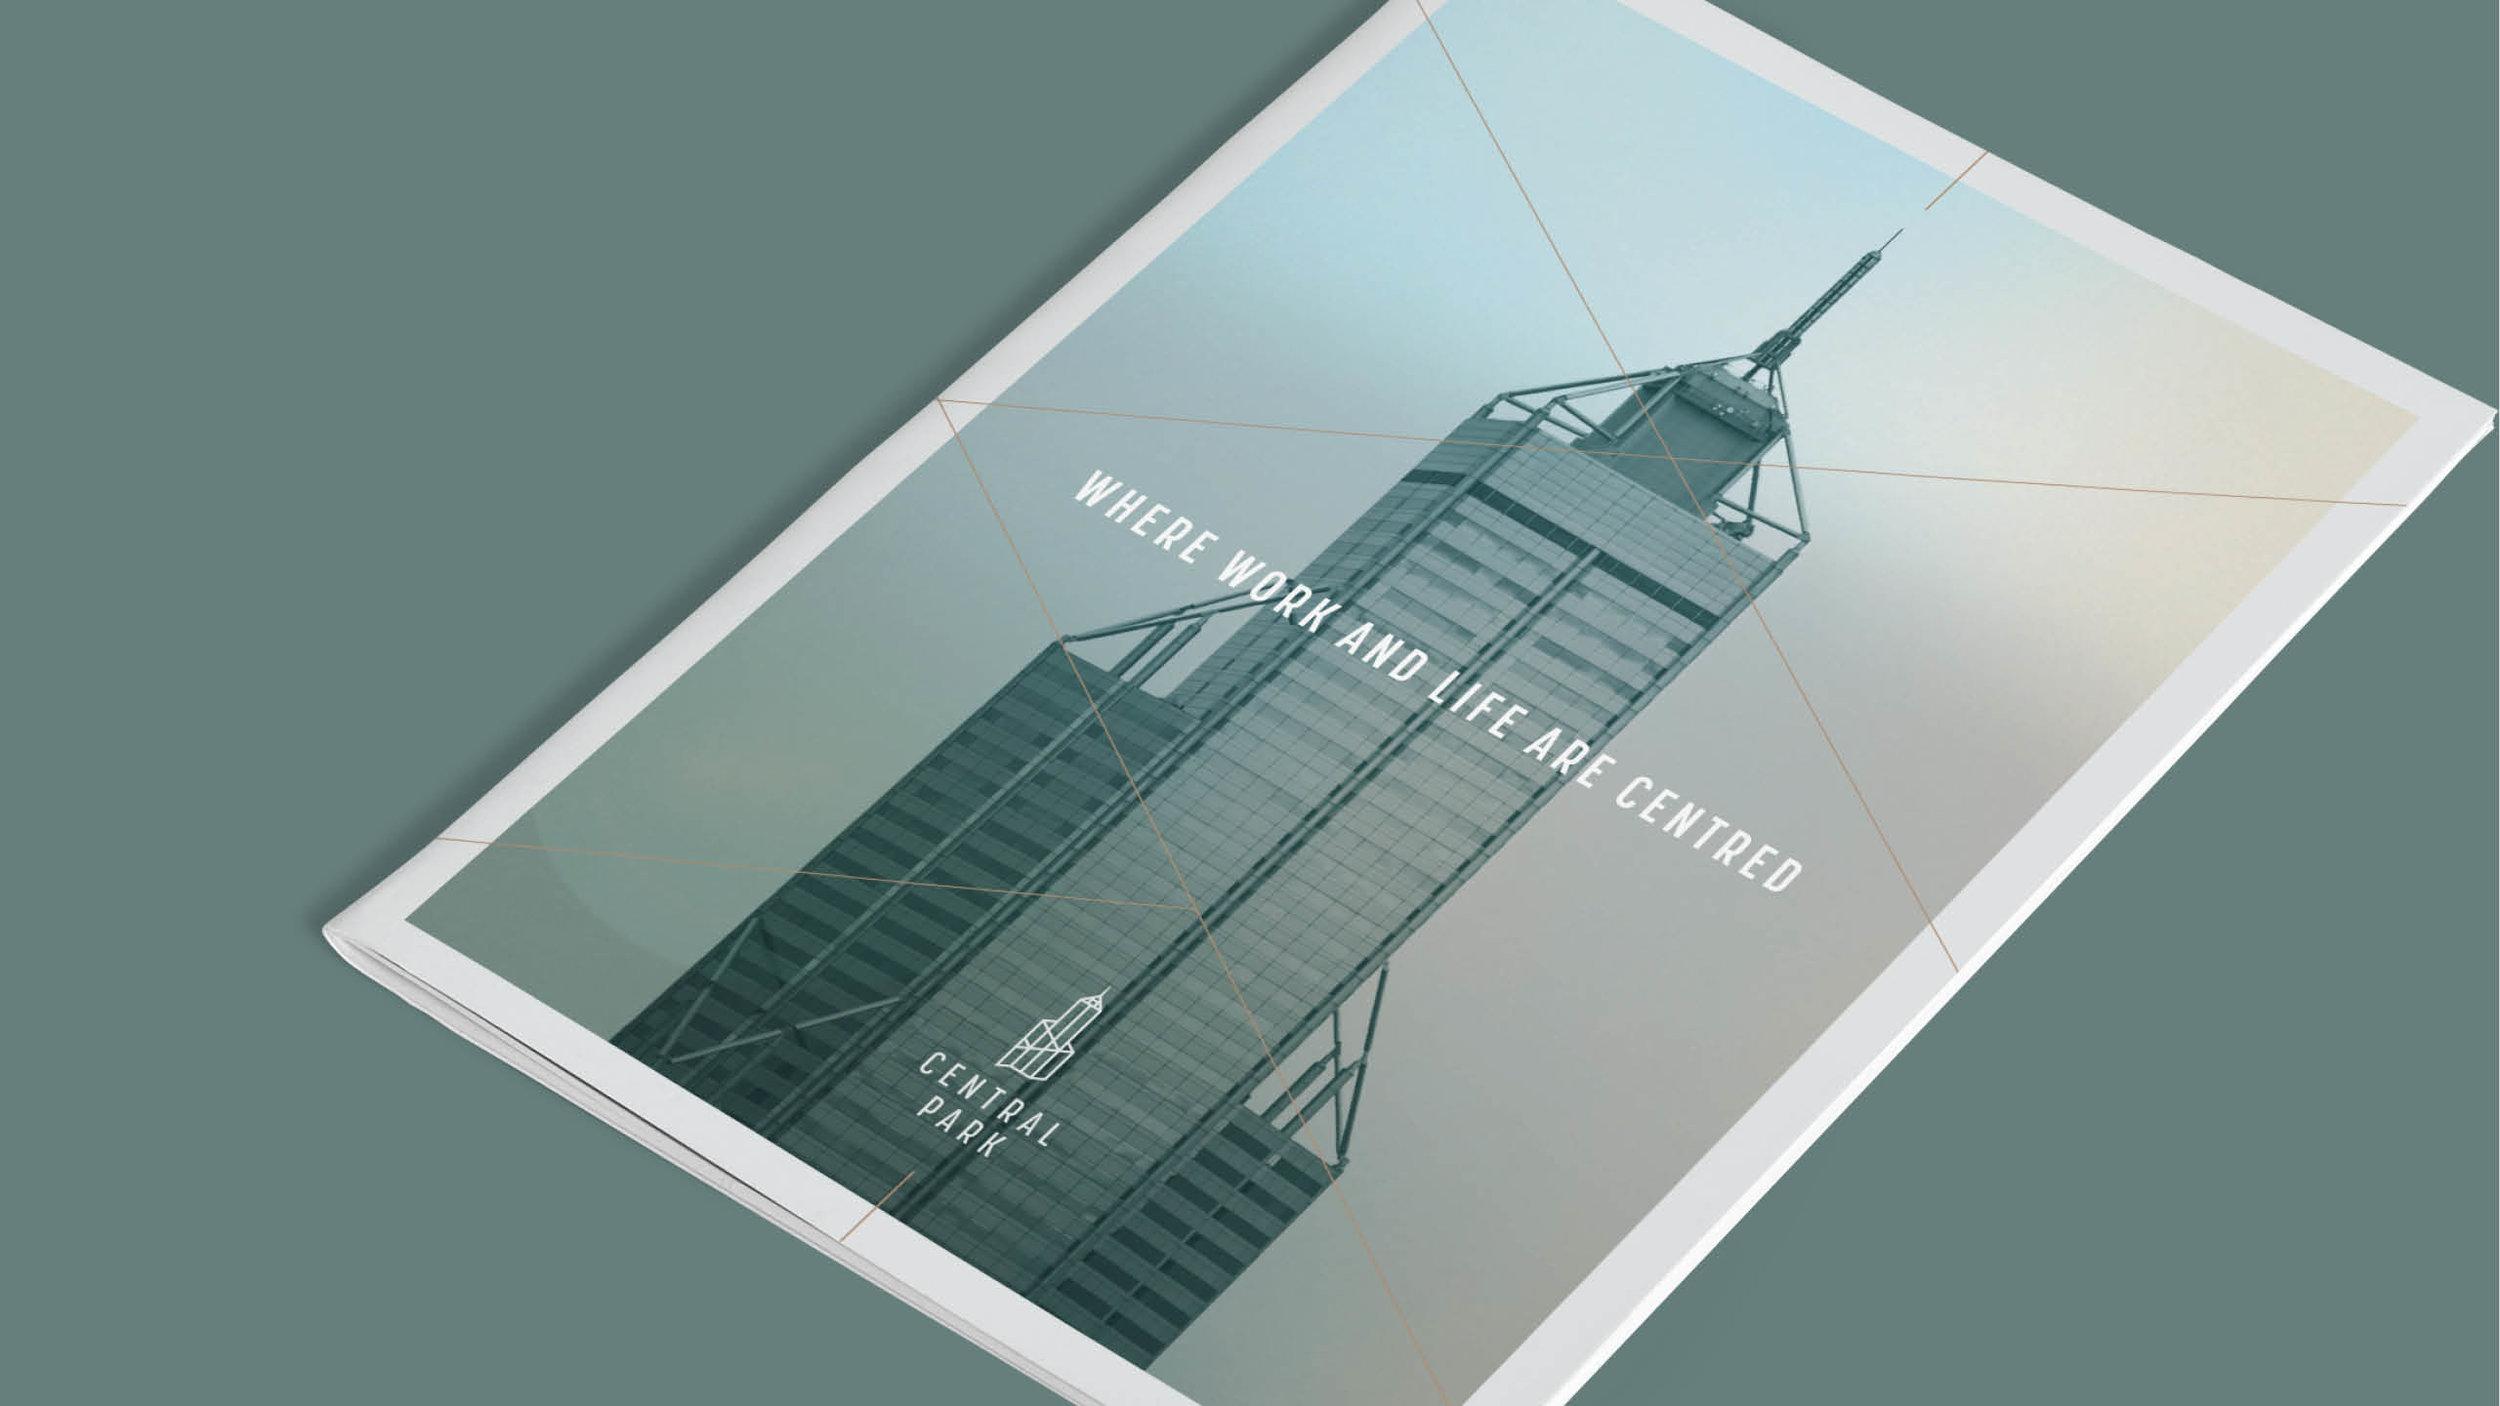 CPA_PR_IMAGES_brochure.jpg